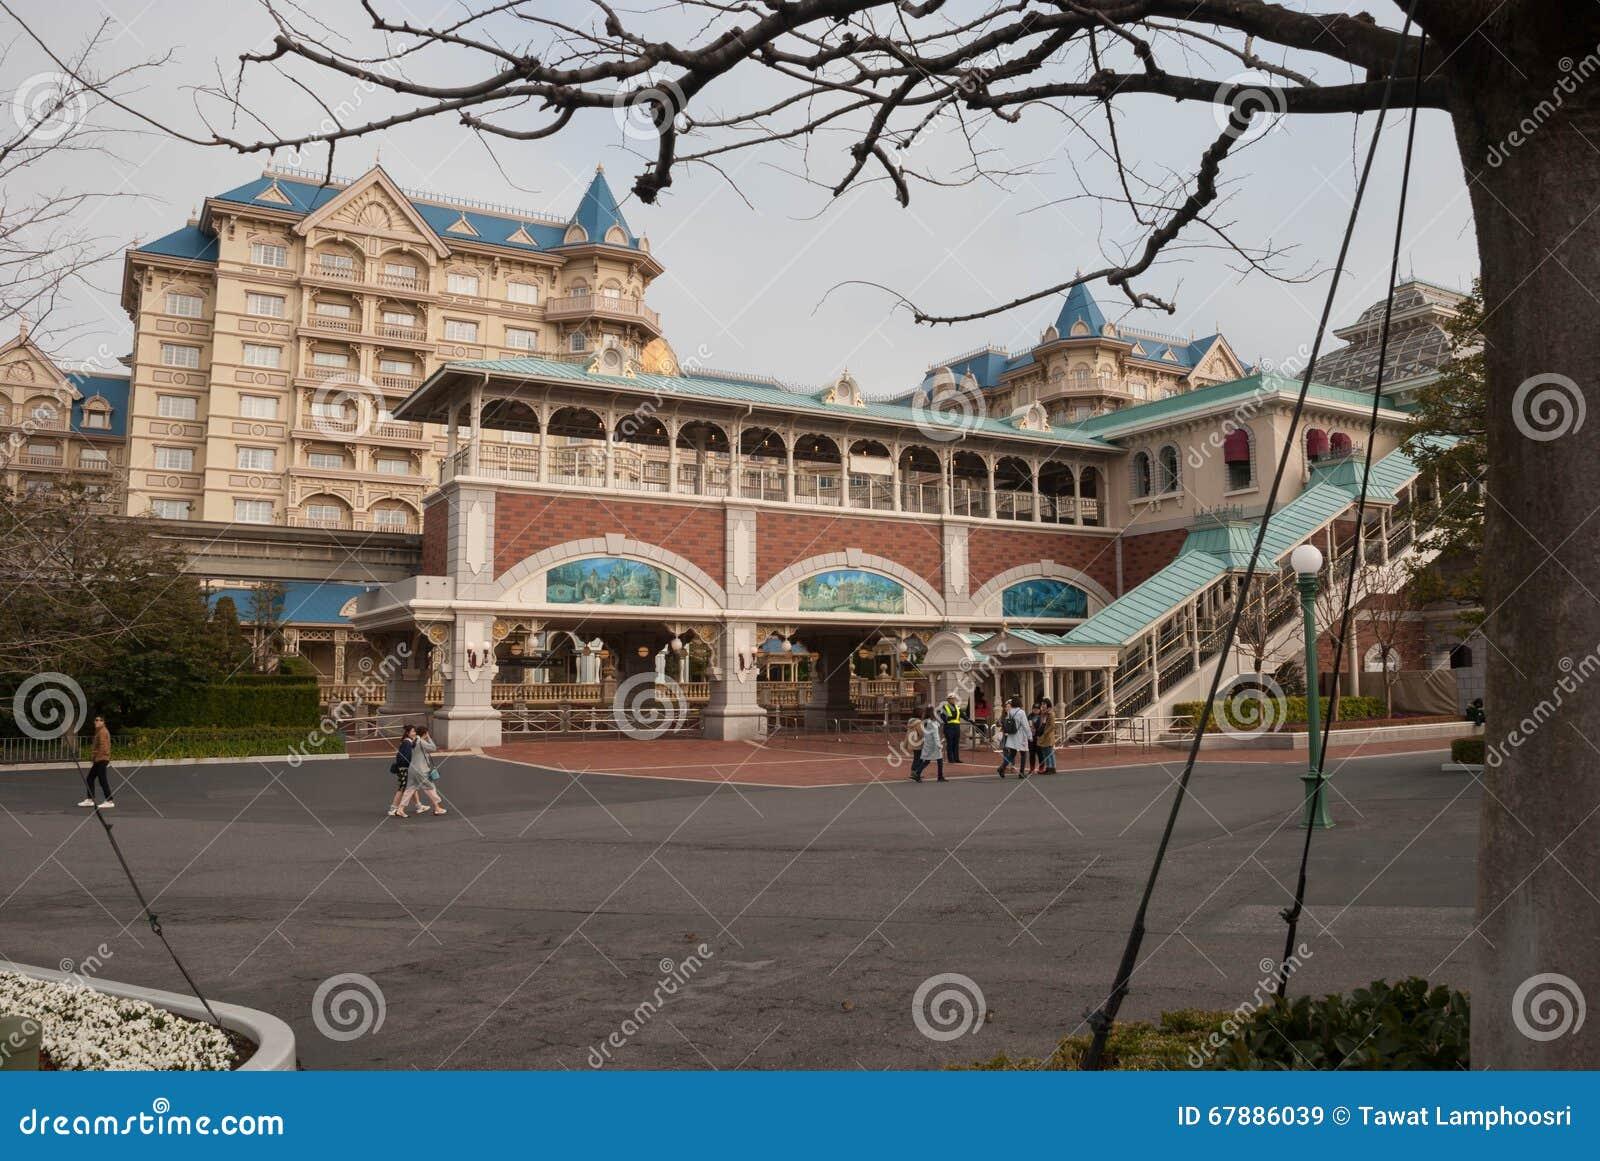 Estação de caminhos-de-ferro de Disneylândia